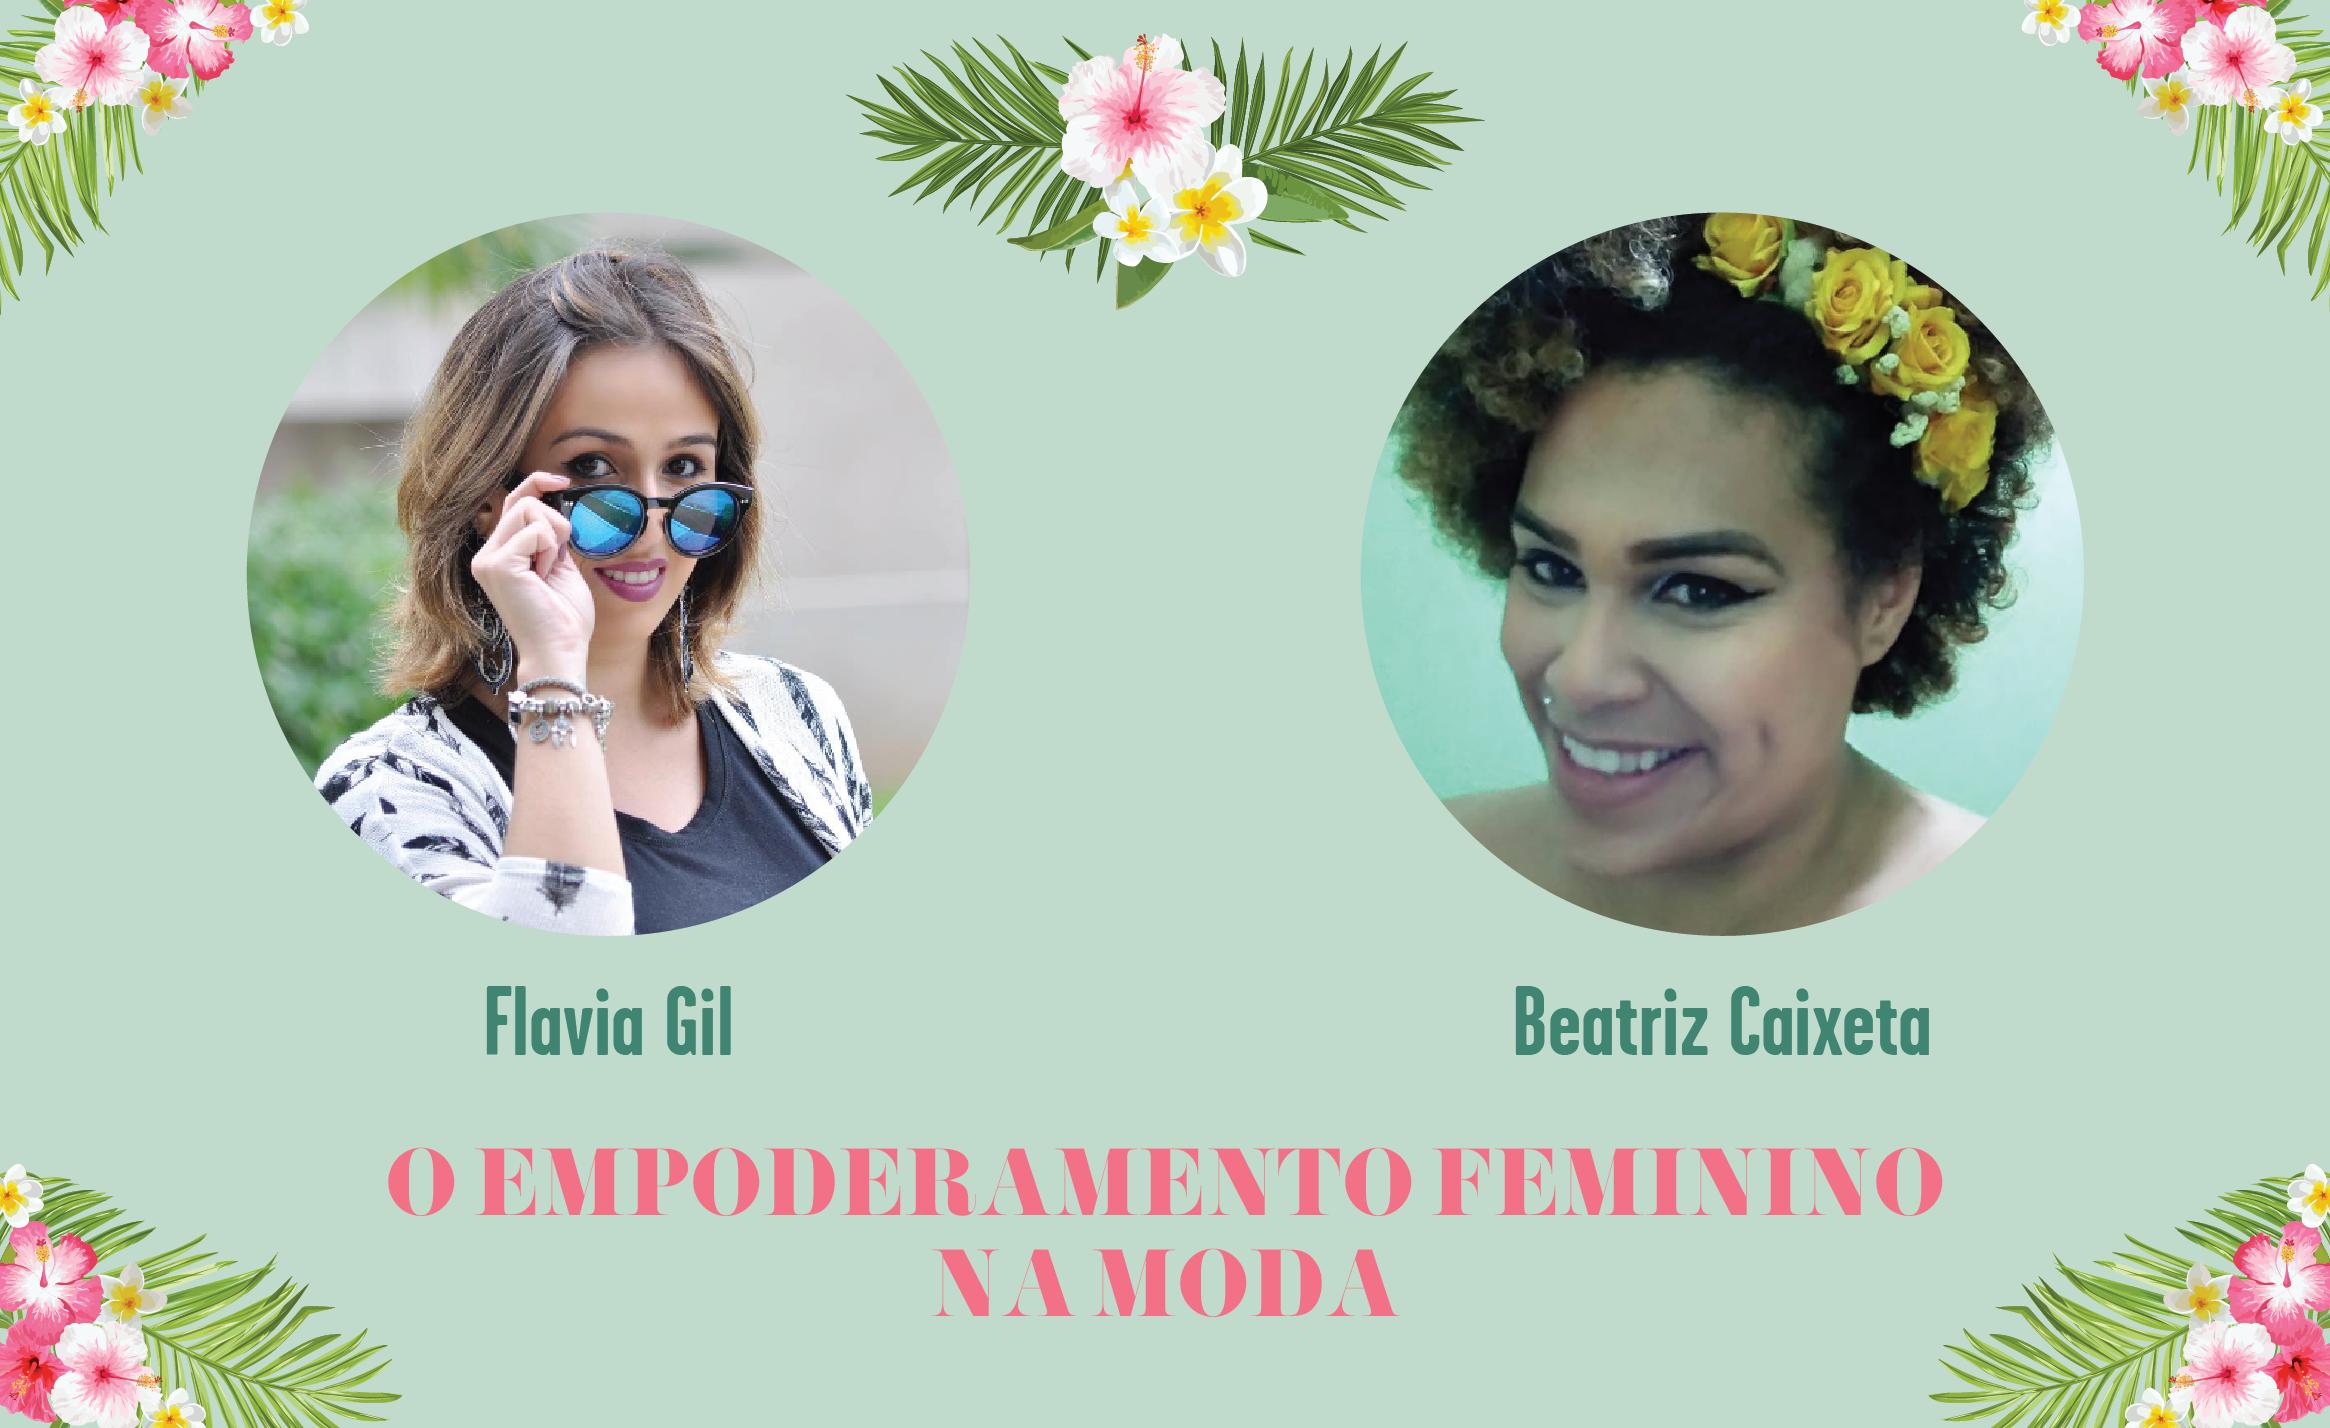 TELAS_plazablogmeeting2-06 (1)